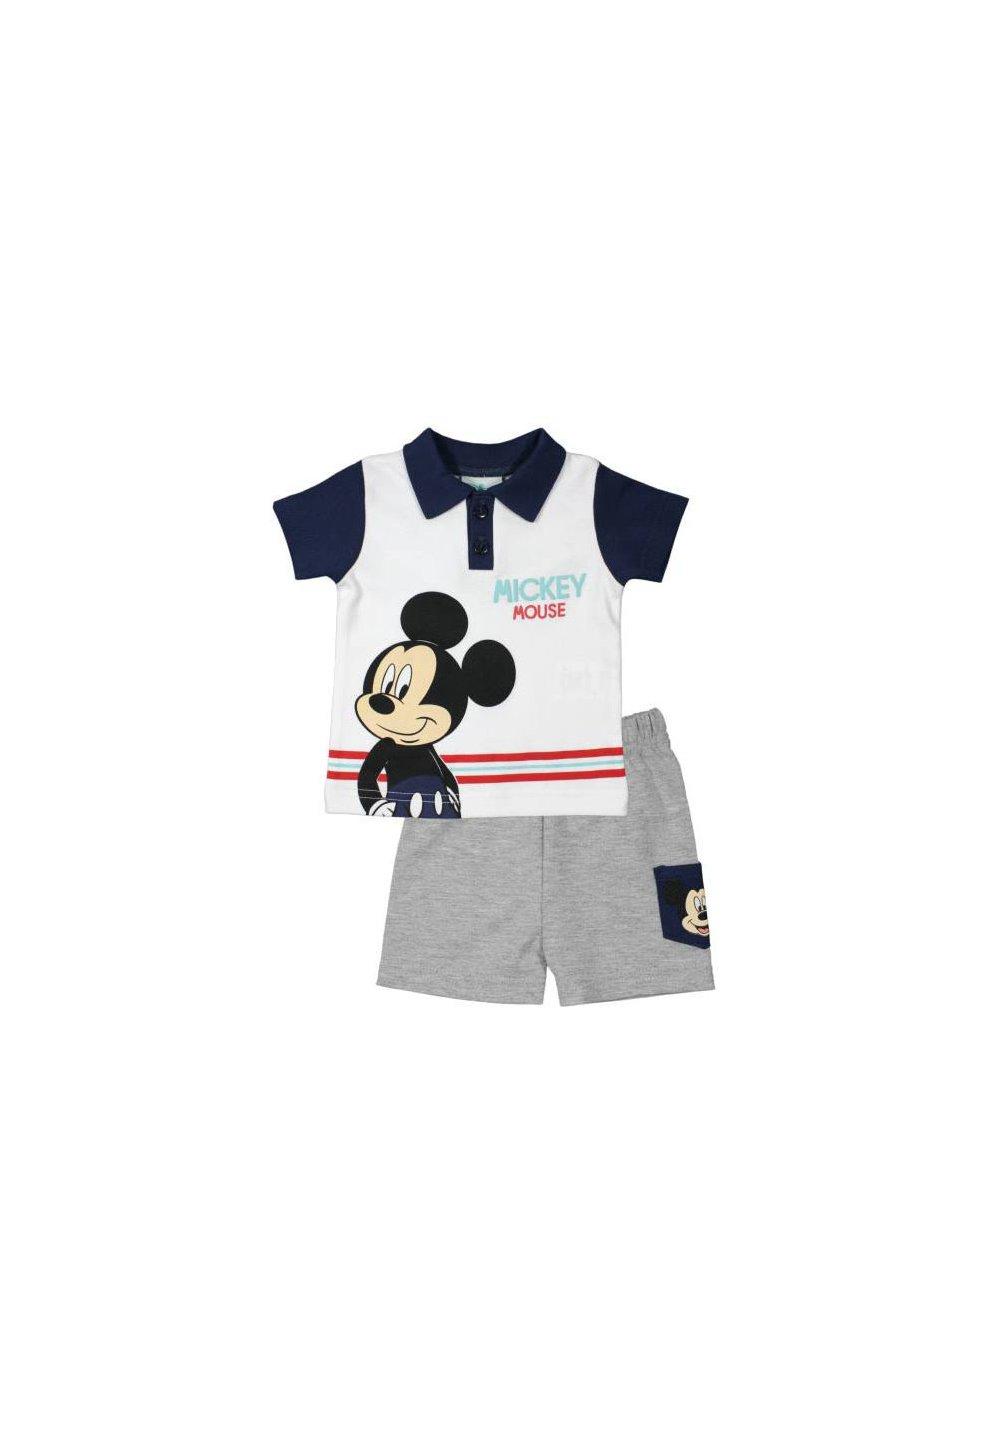 Compleu maneca scurta, Mickey, alb cu bluemarin imagine